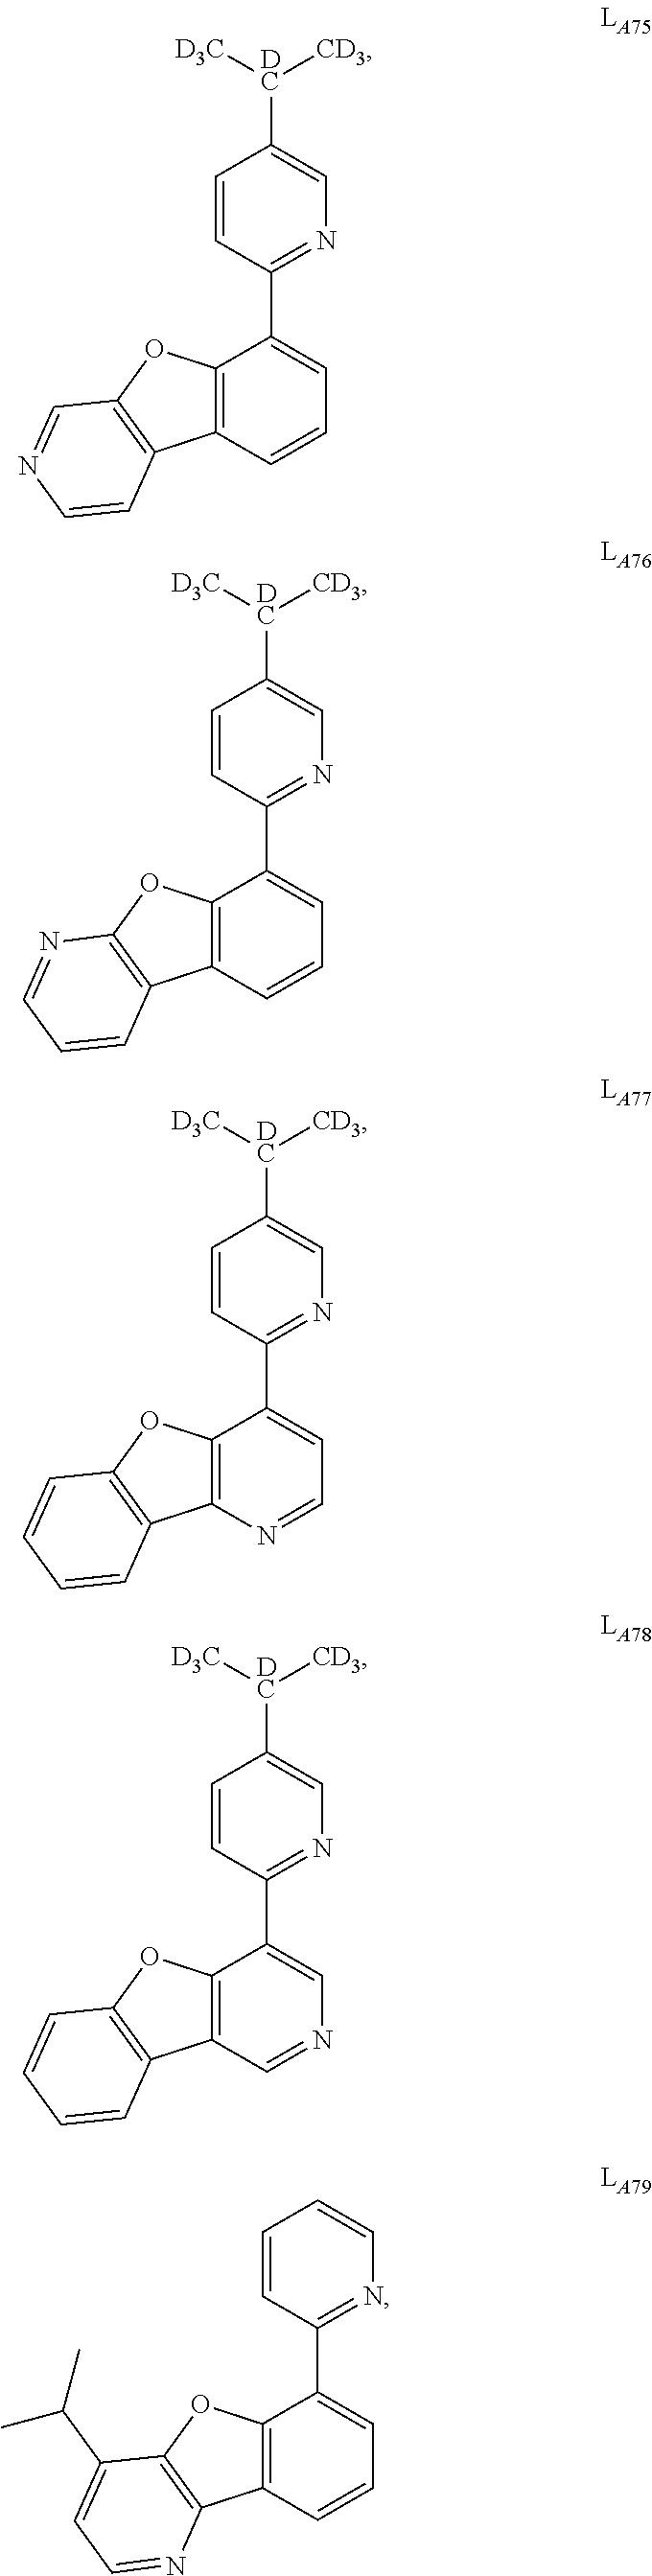 Figure US09634264-20170425-C00019